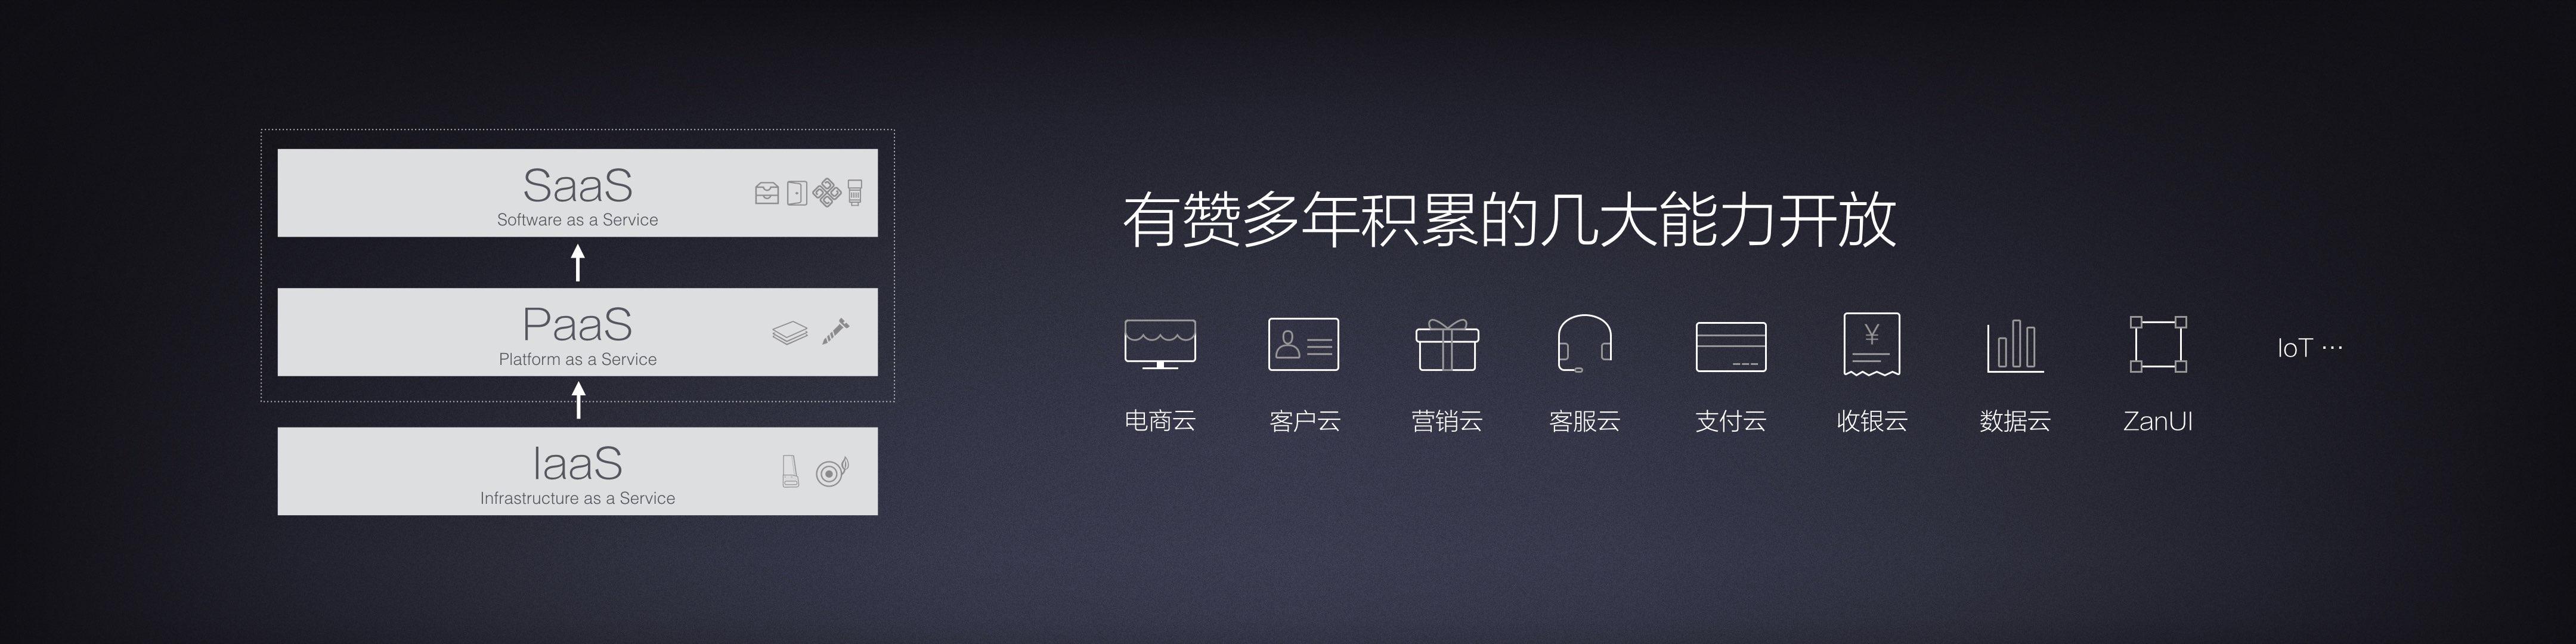 2018有赞春季沙龙-公开版.201.jpeg